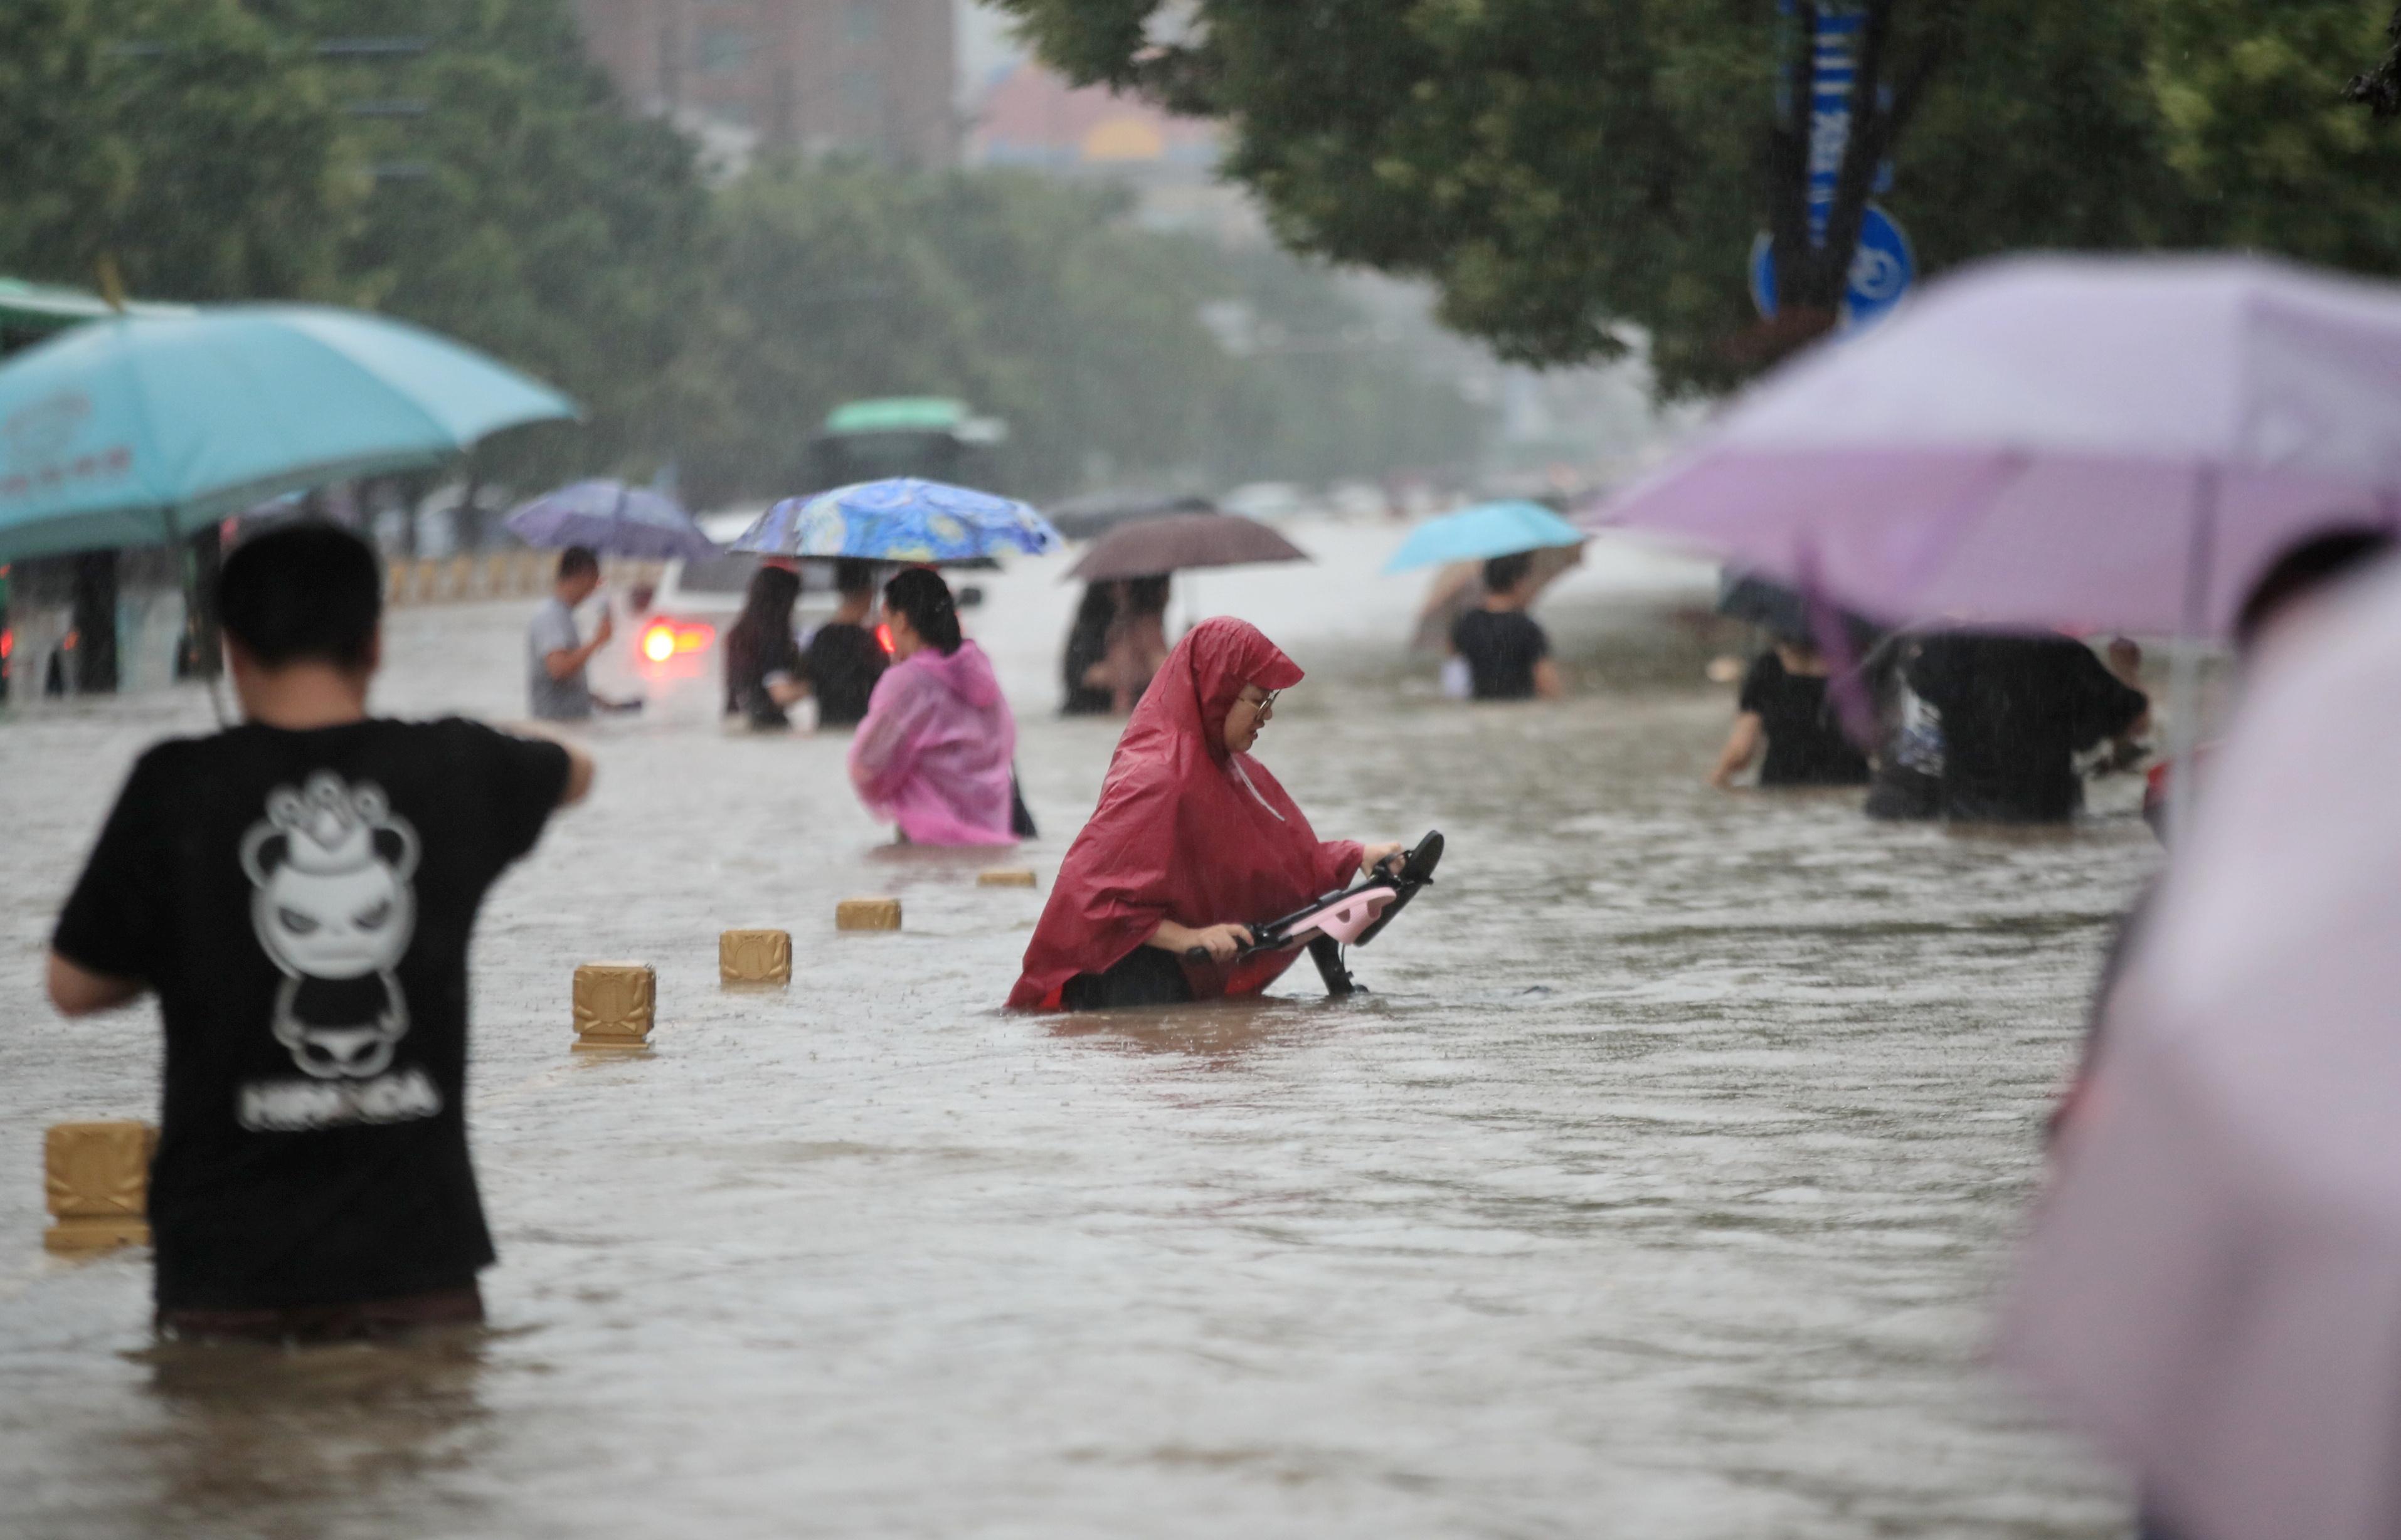 周二傍晚下班时分,河南郑州市民暴雨中相互搀扶踏上回家路。图为市民在积水中趟行。-路透社-